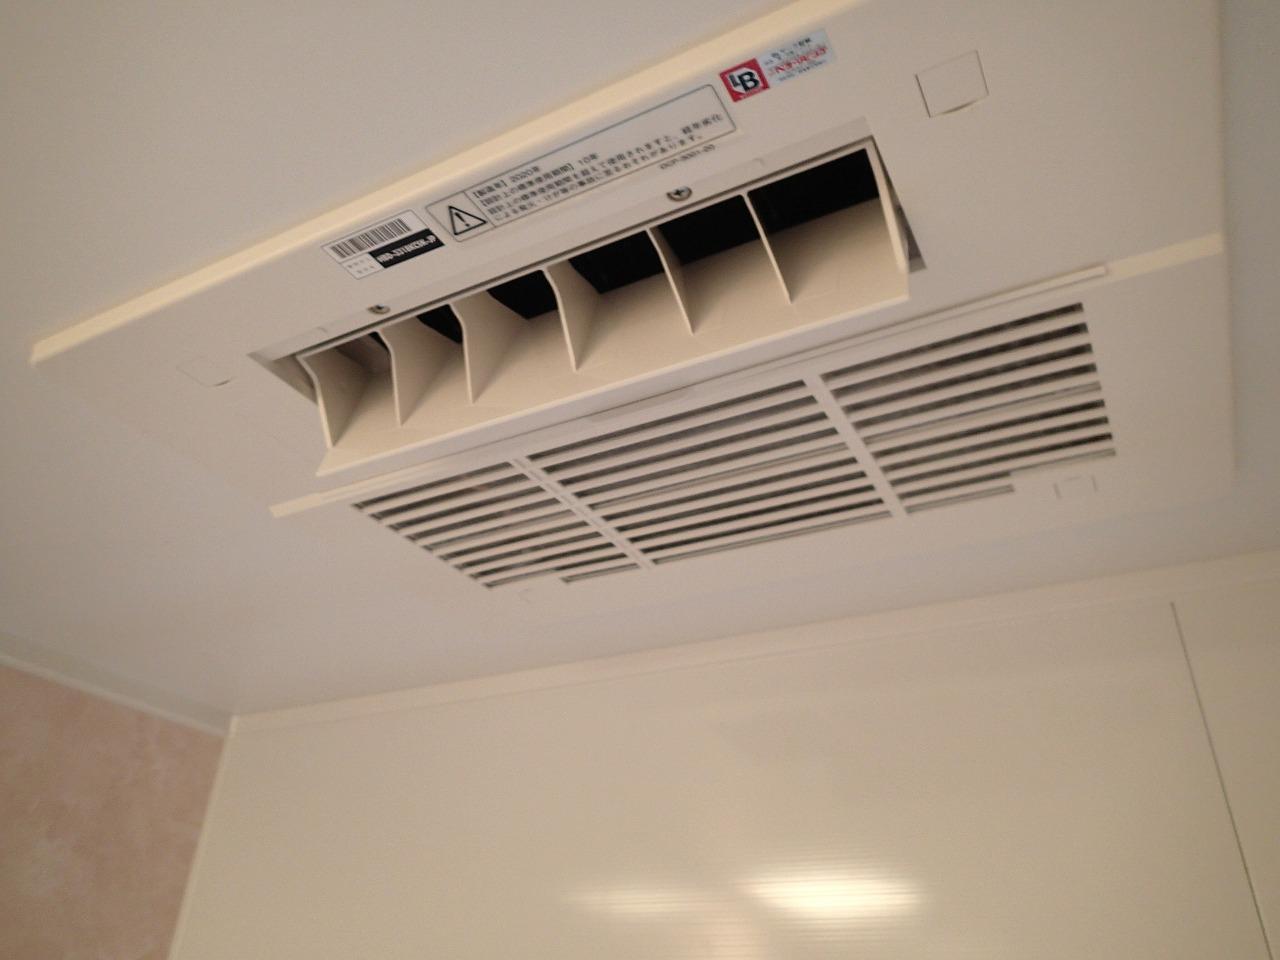 ガス温水式の浴室暖房乾燥機は寒い冬でもパワフル暖房